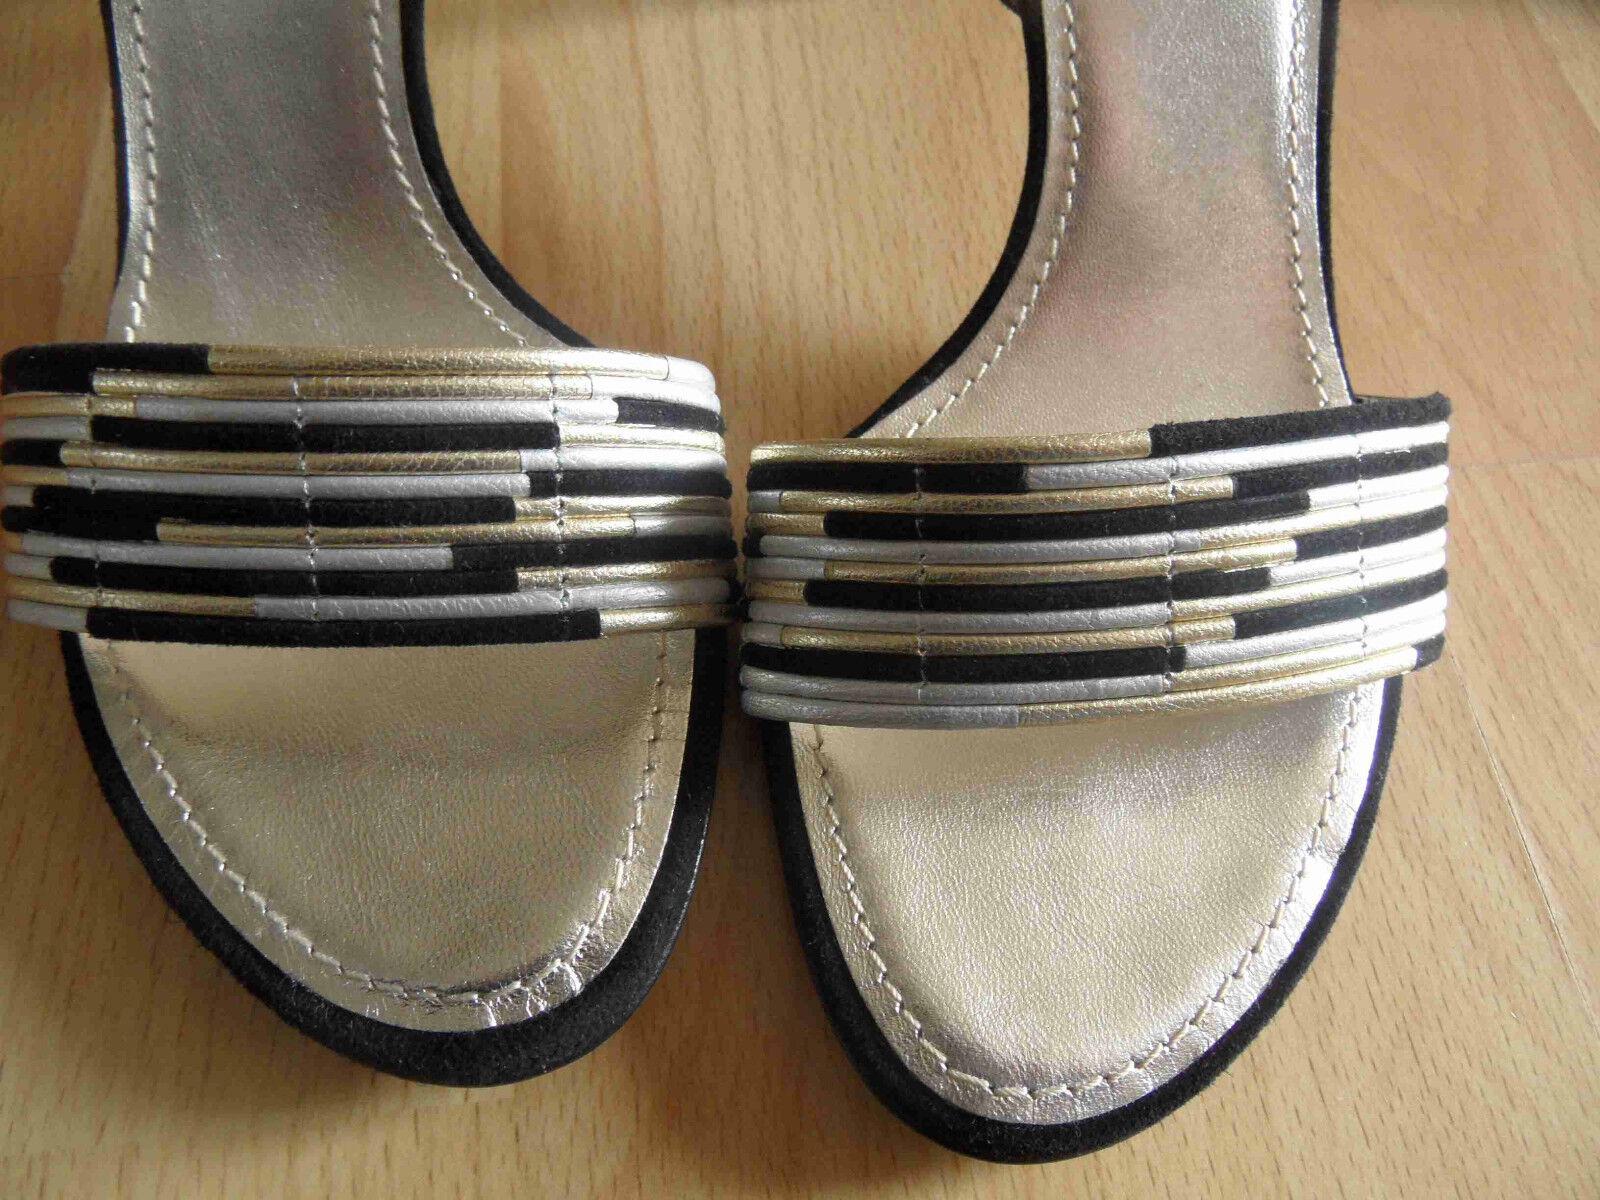 DOLCE&GABBANA stylische NP hohe Sandaletten Gr. 36 NP stylische 330,-- NEU OA1 a3a708